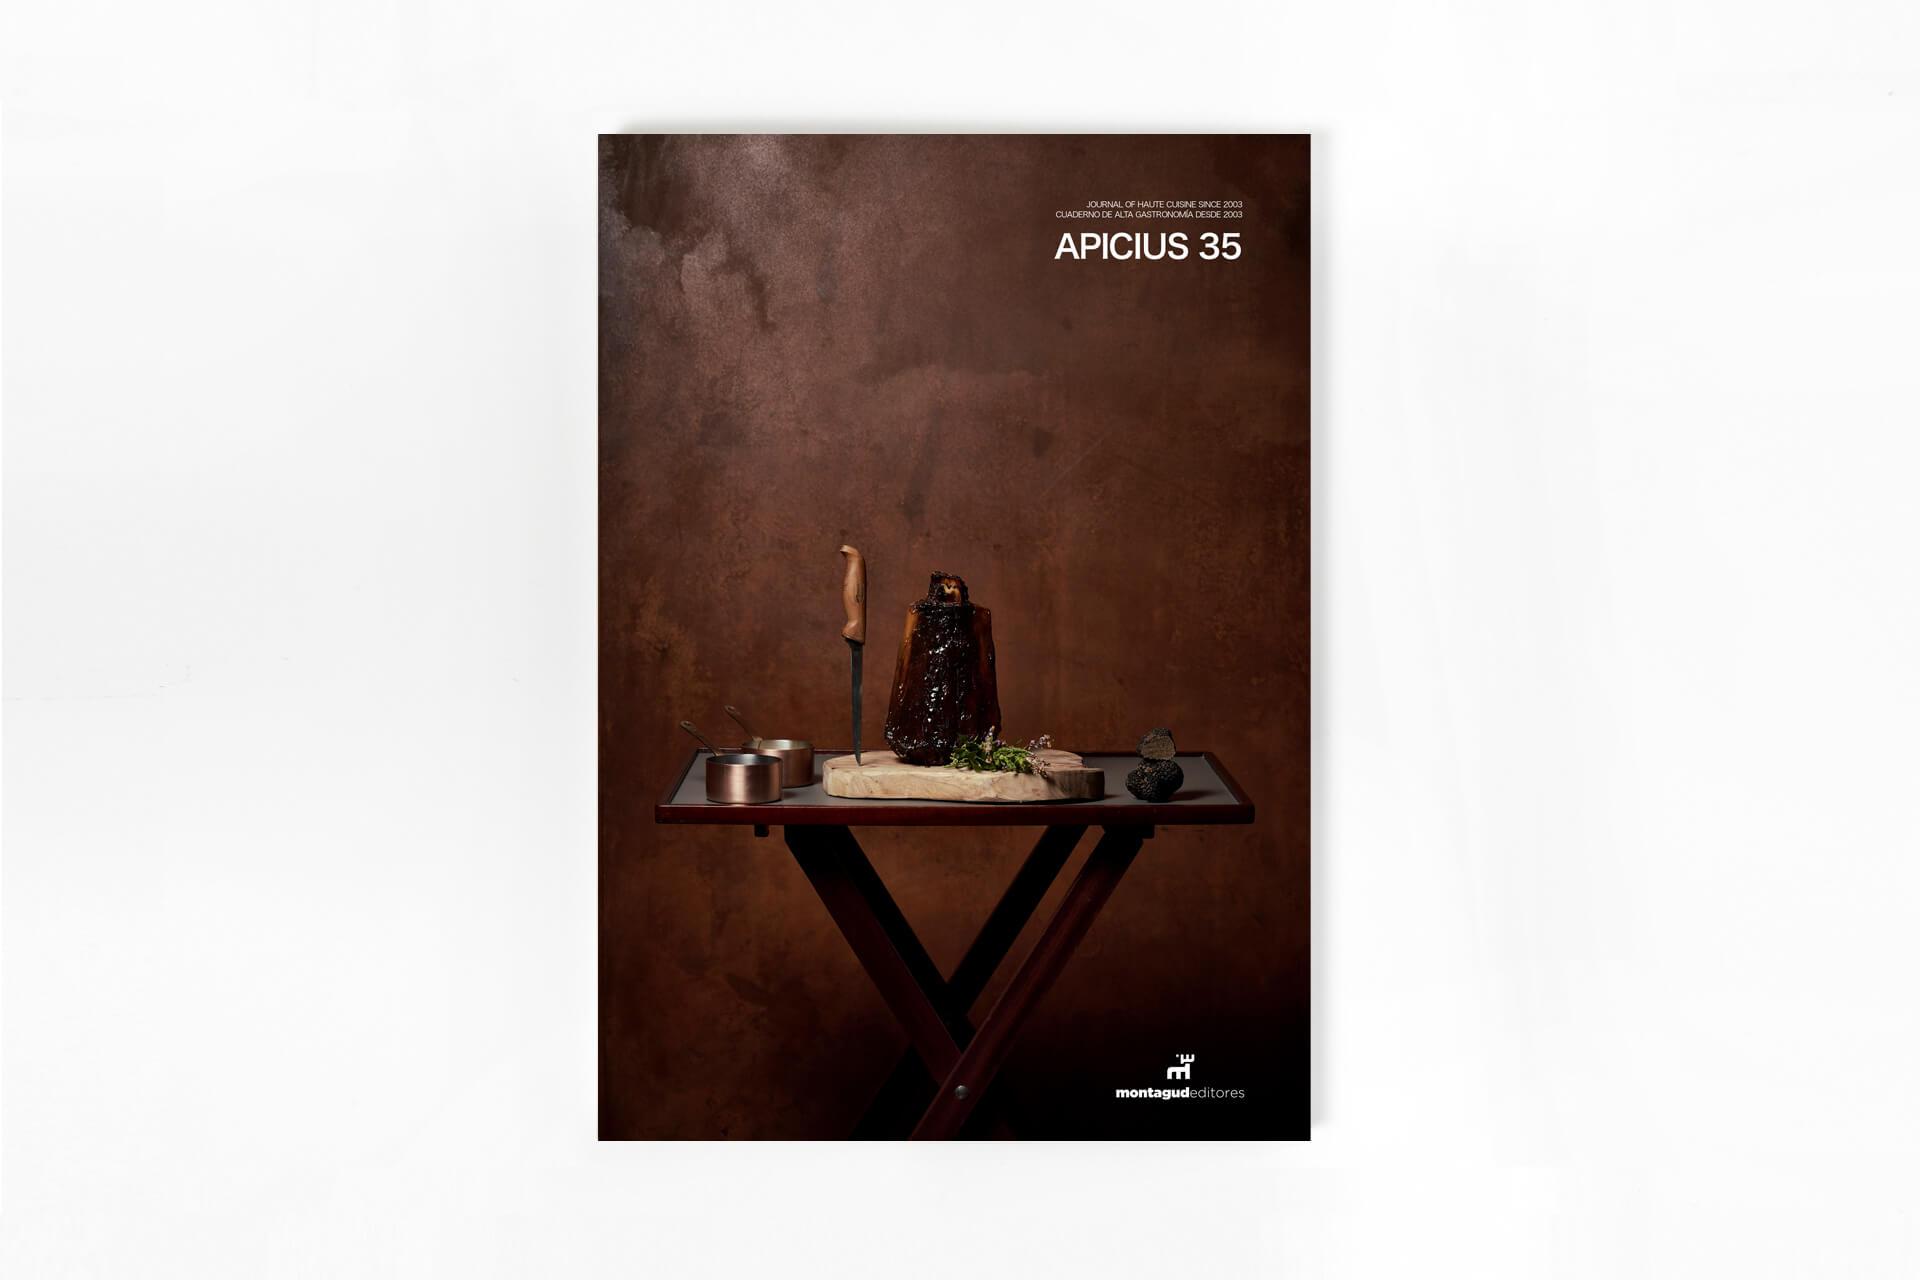 APICIUS_35